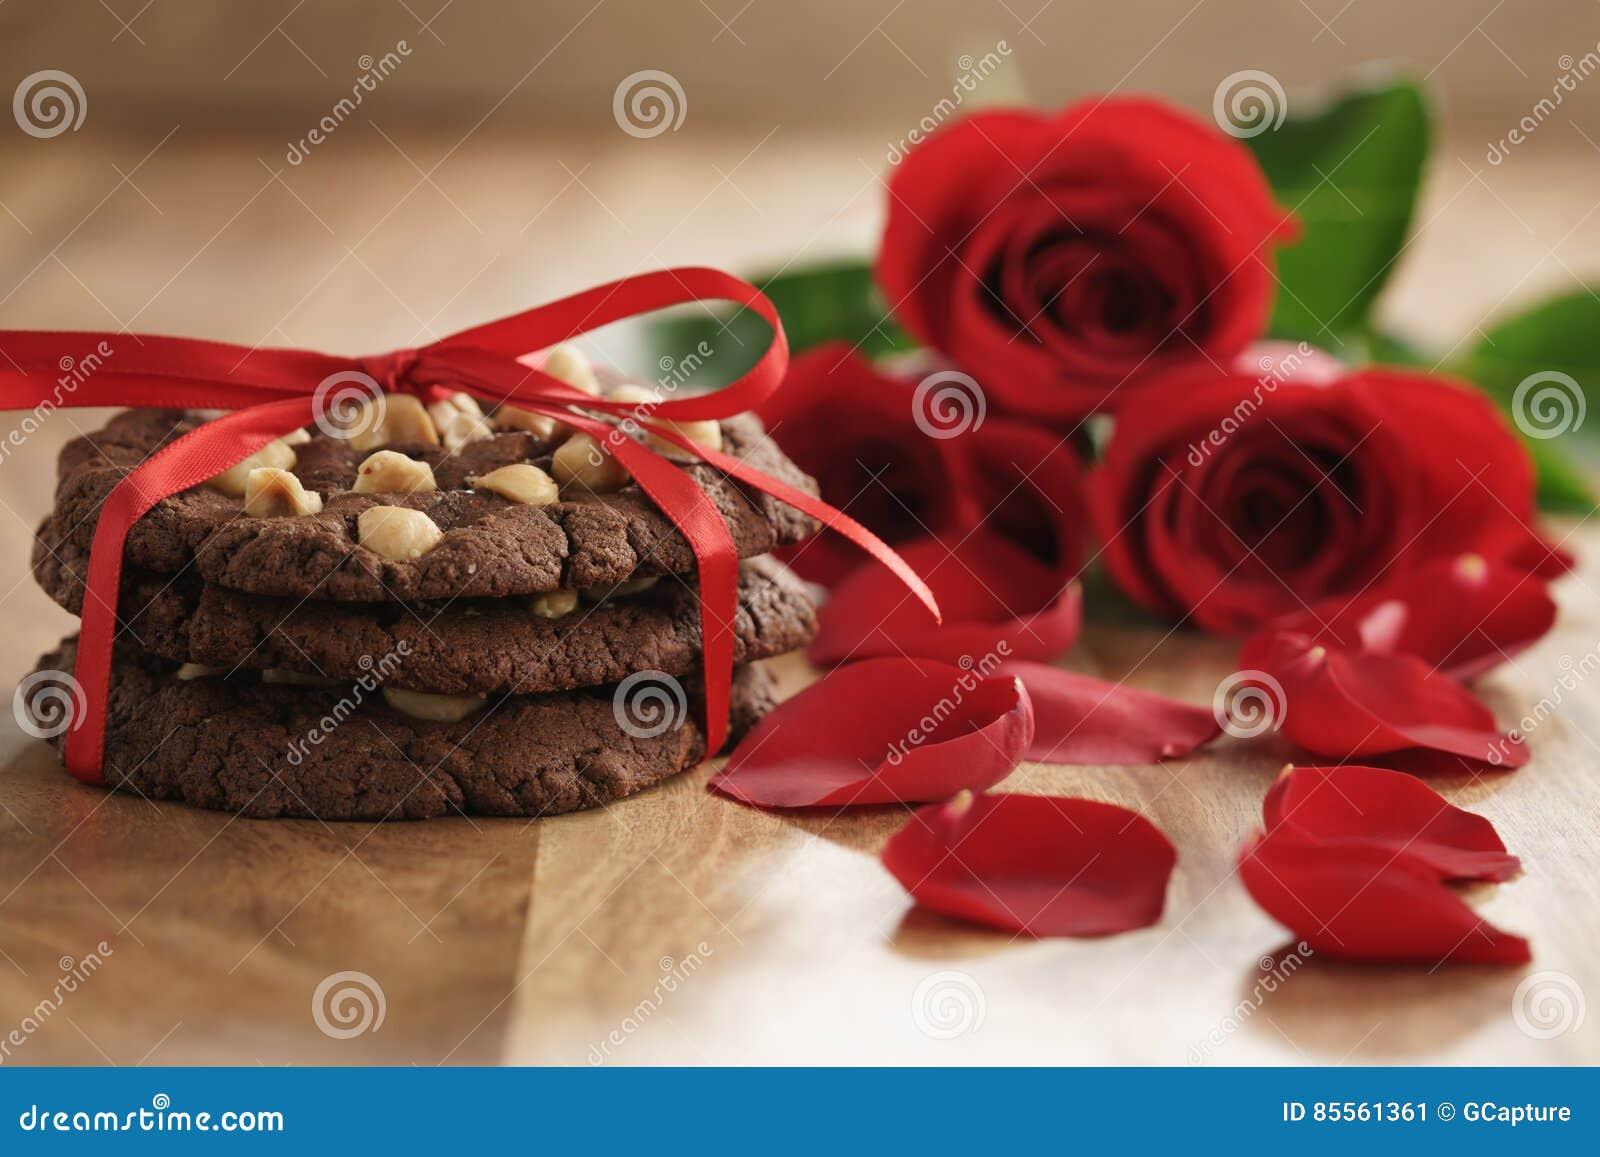 Drei rote Rosen mit selbst gemachten Schokoladenplätzchen auf alter hölzerner Tabellennahaufnahme